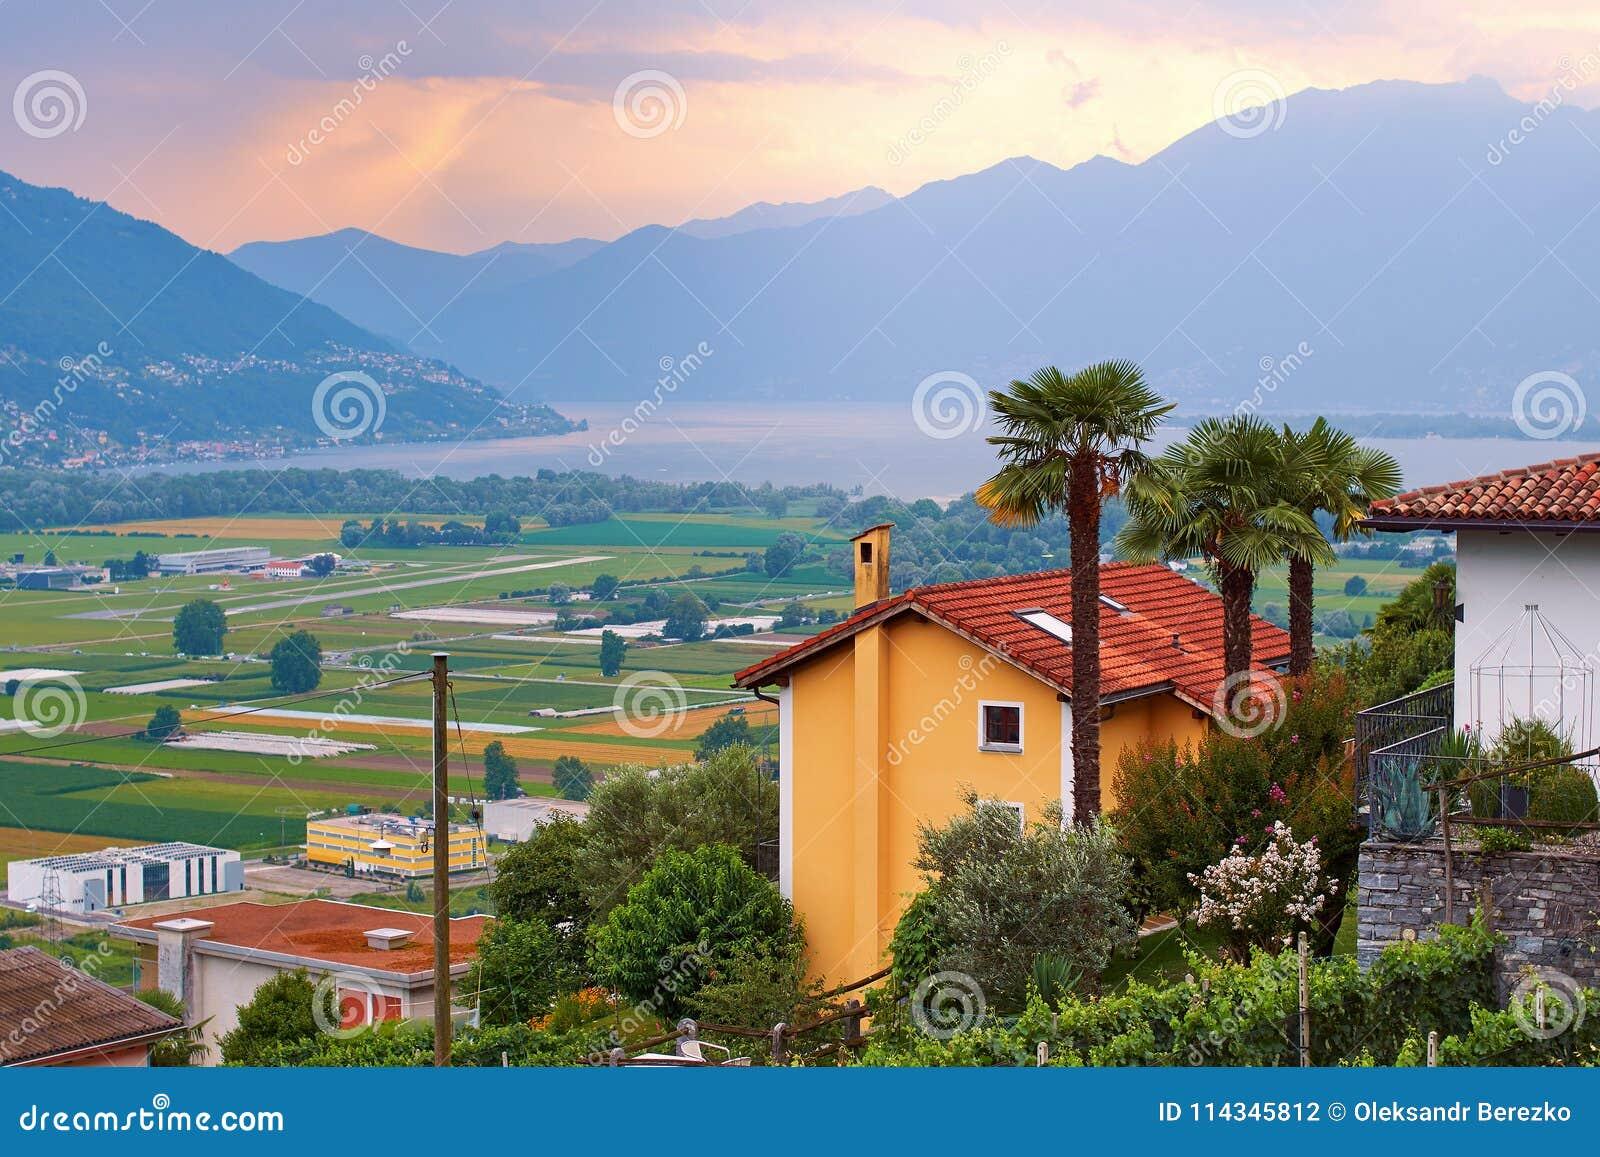 Άποψη της αγροτικής νότιας Ελβετίας με τα σπίτια, τα αγροκτήματα, τους αμπελώνες, τα βουνά και τη λίμνη Maggiore ορών